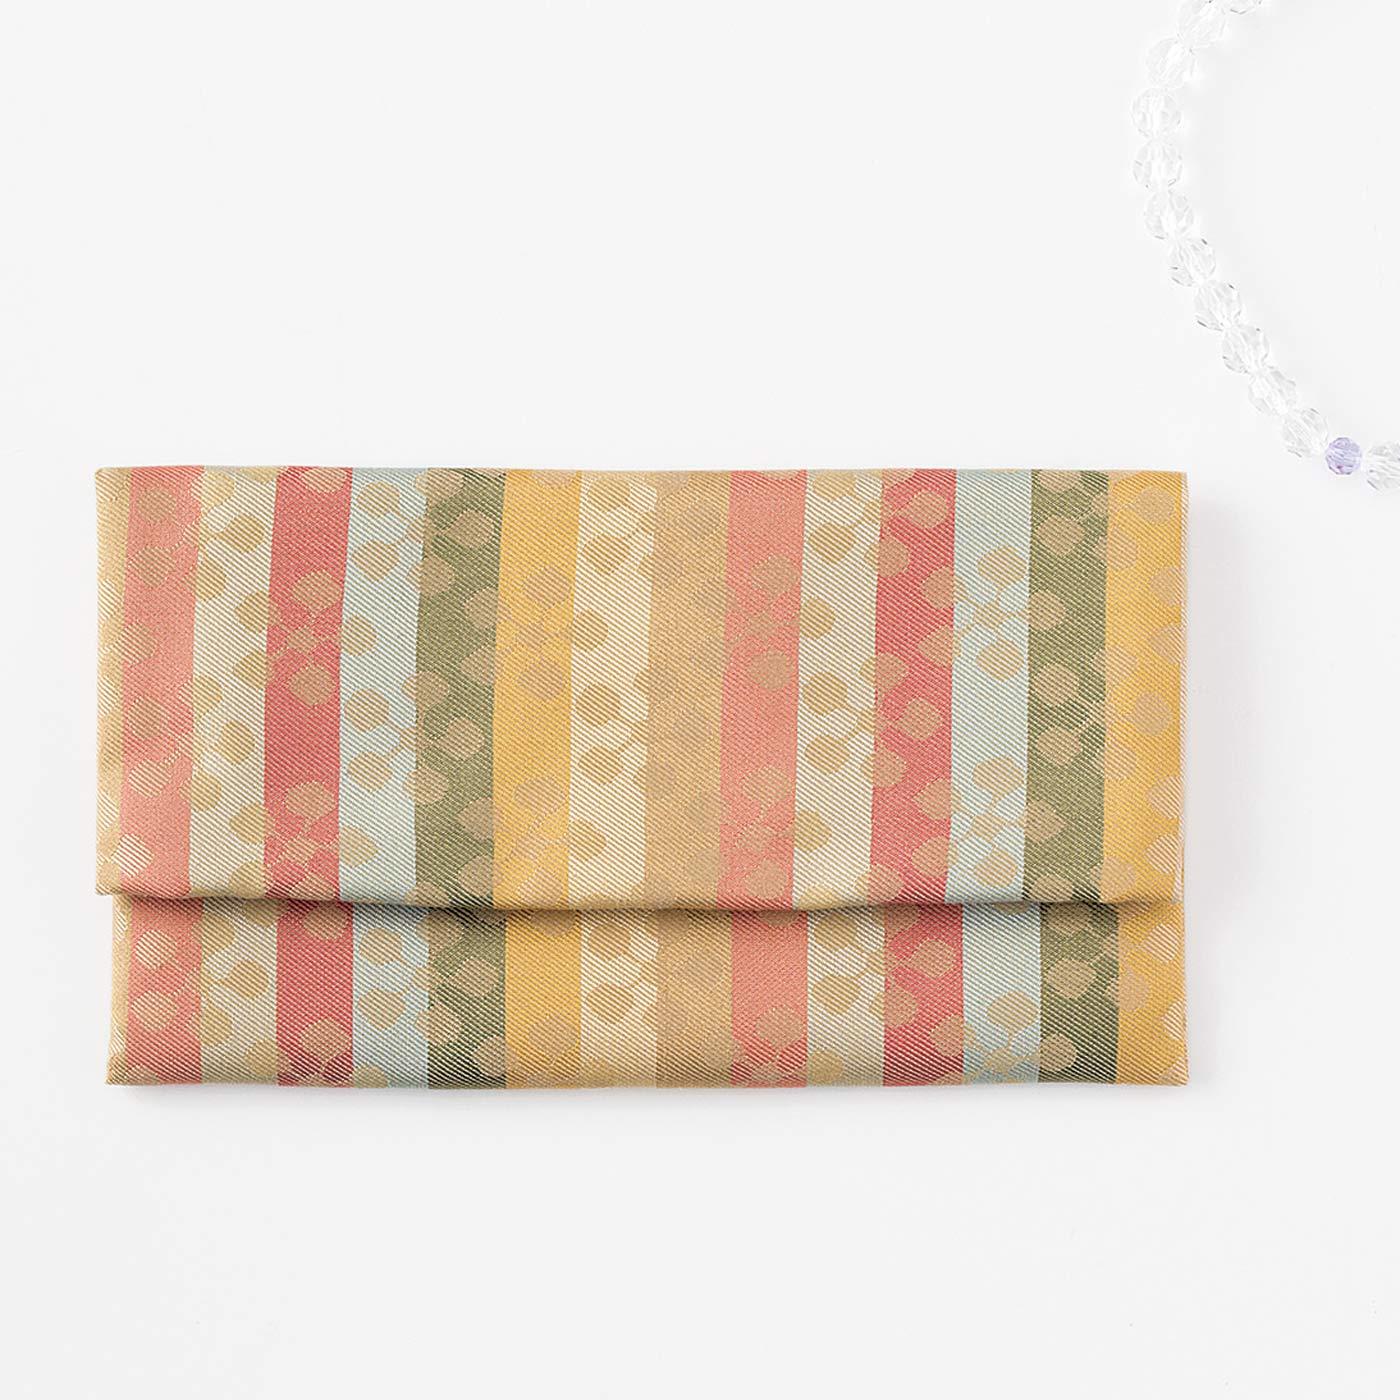 名物裂(めいぶつぎれ)と言われる絹織物で仕立てています。